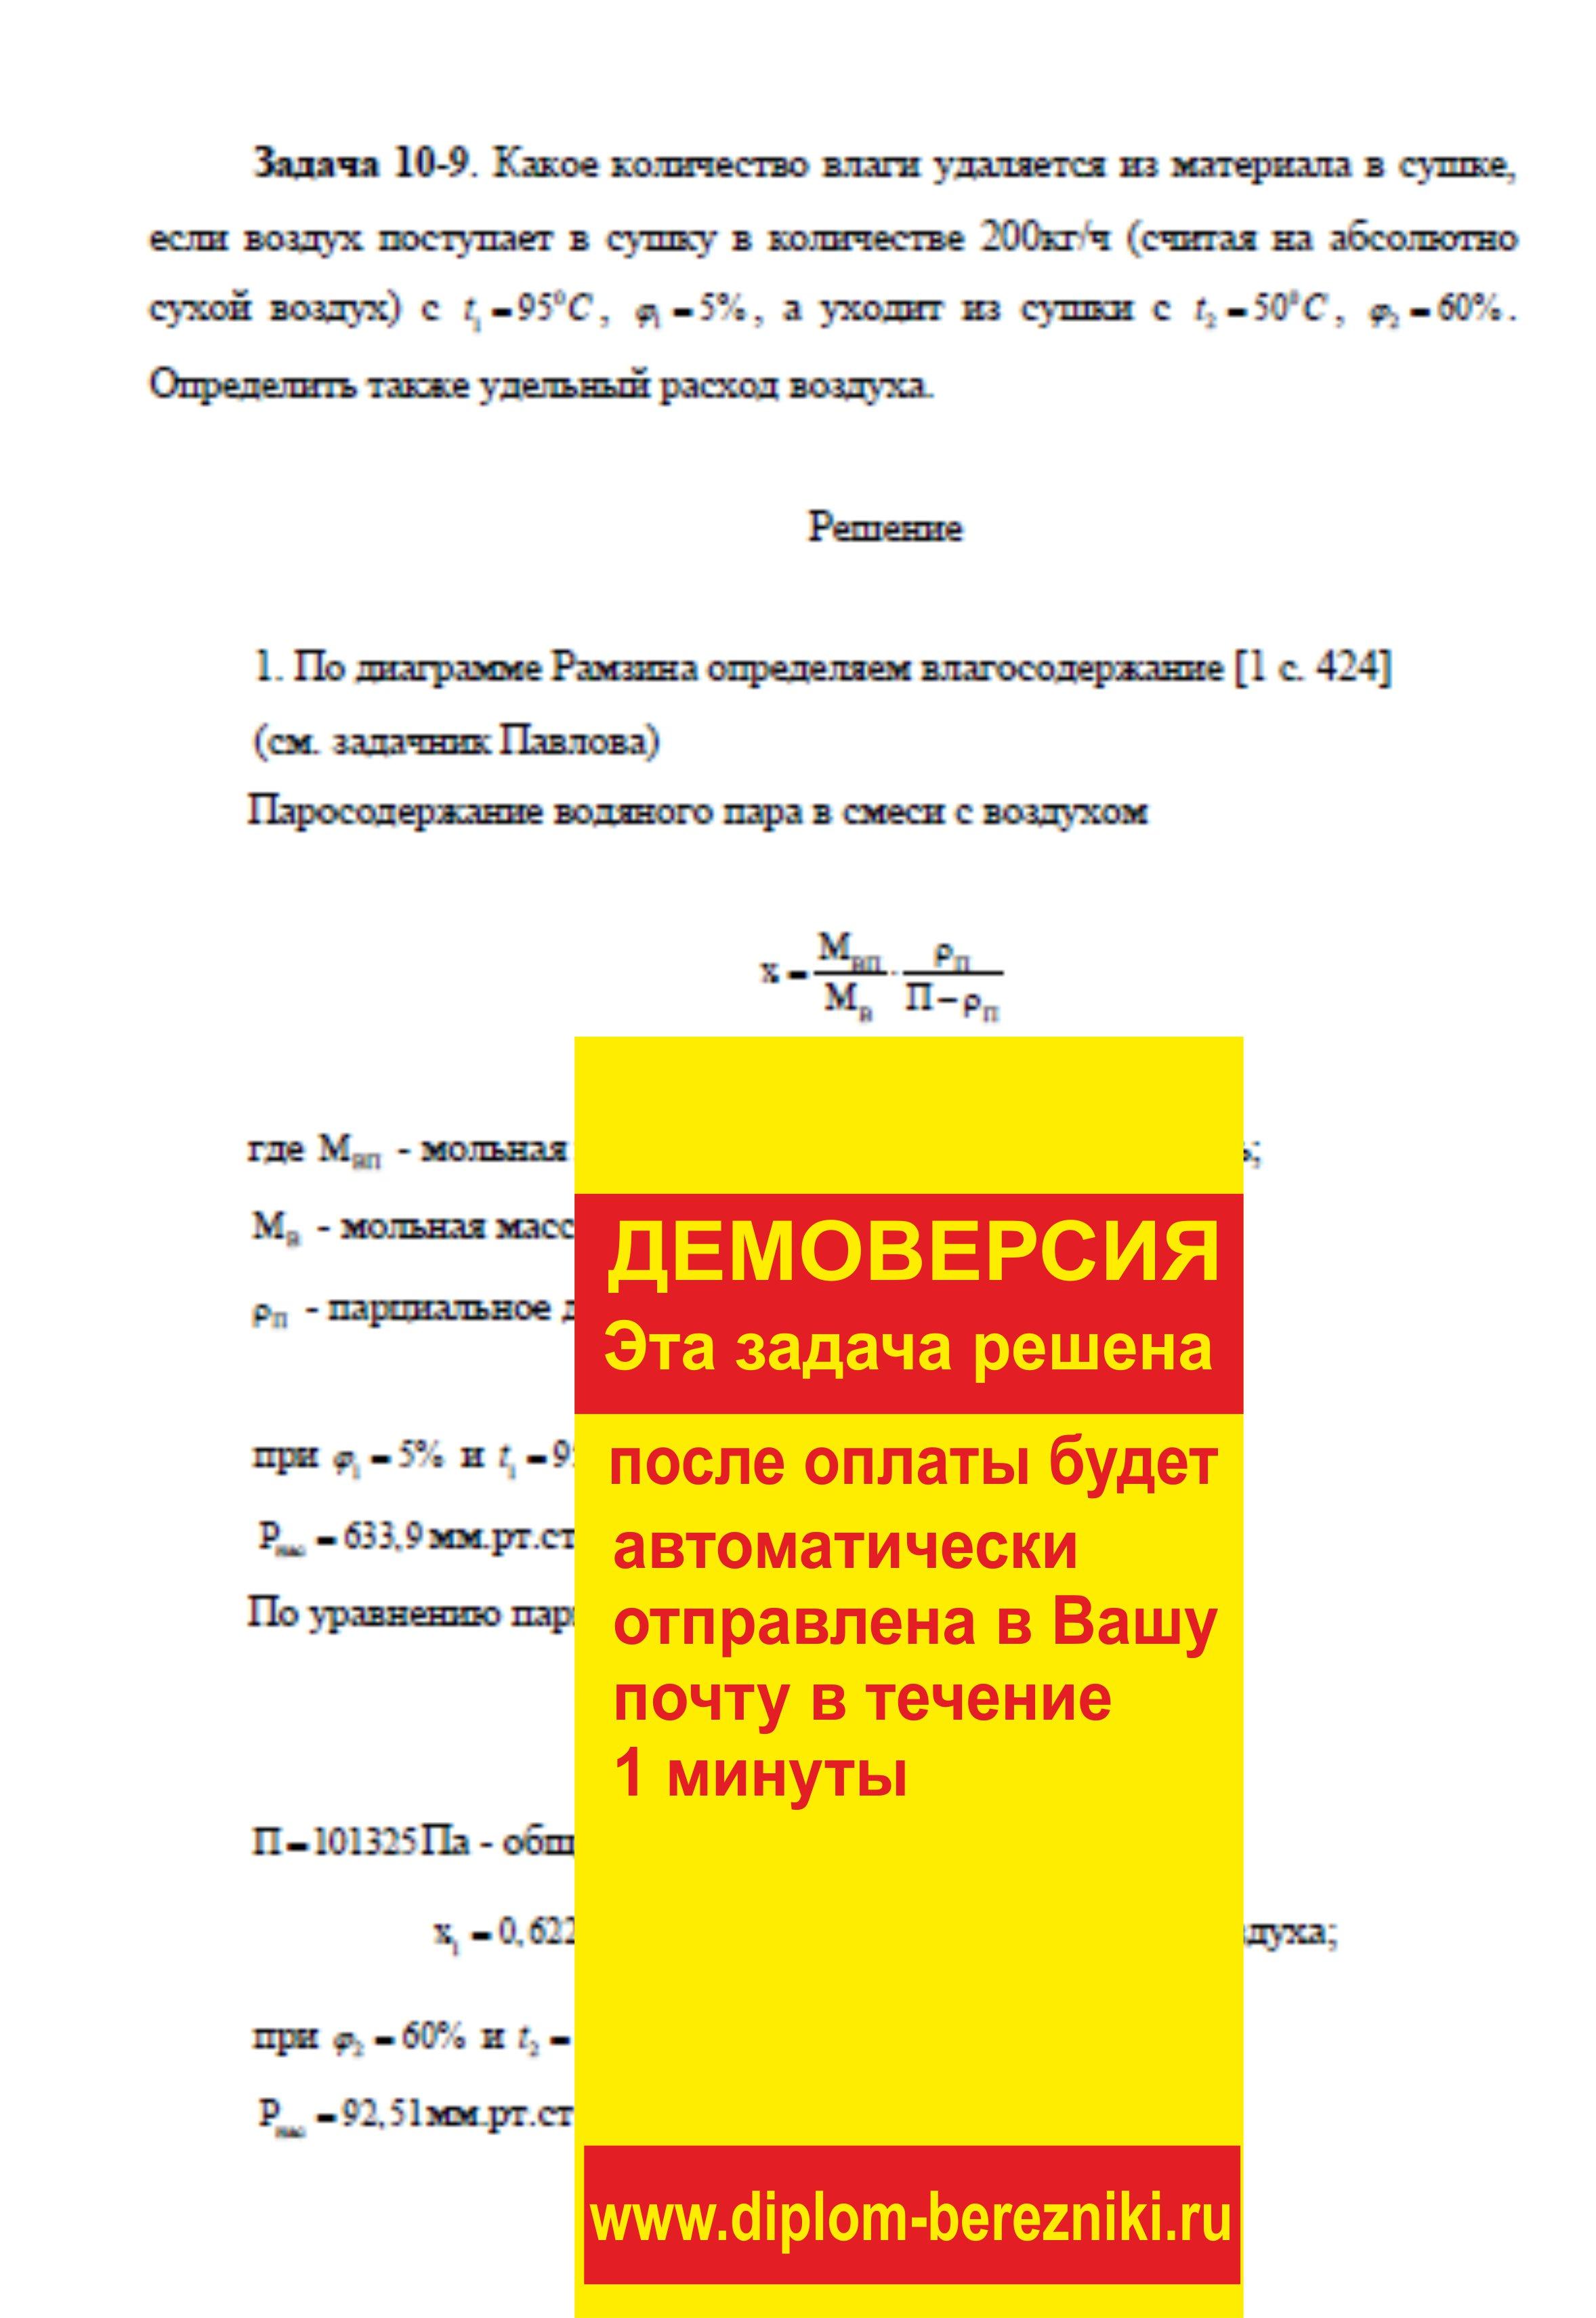 Решение задачи 10.9 по ПАХТ из задачника Павлова Романкова Носкова